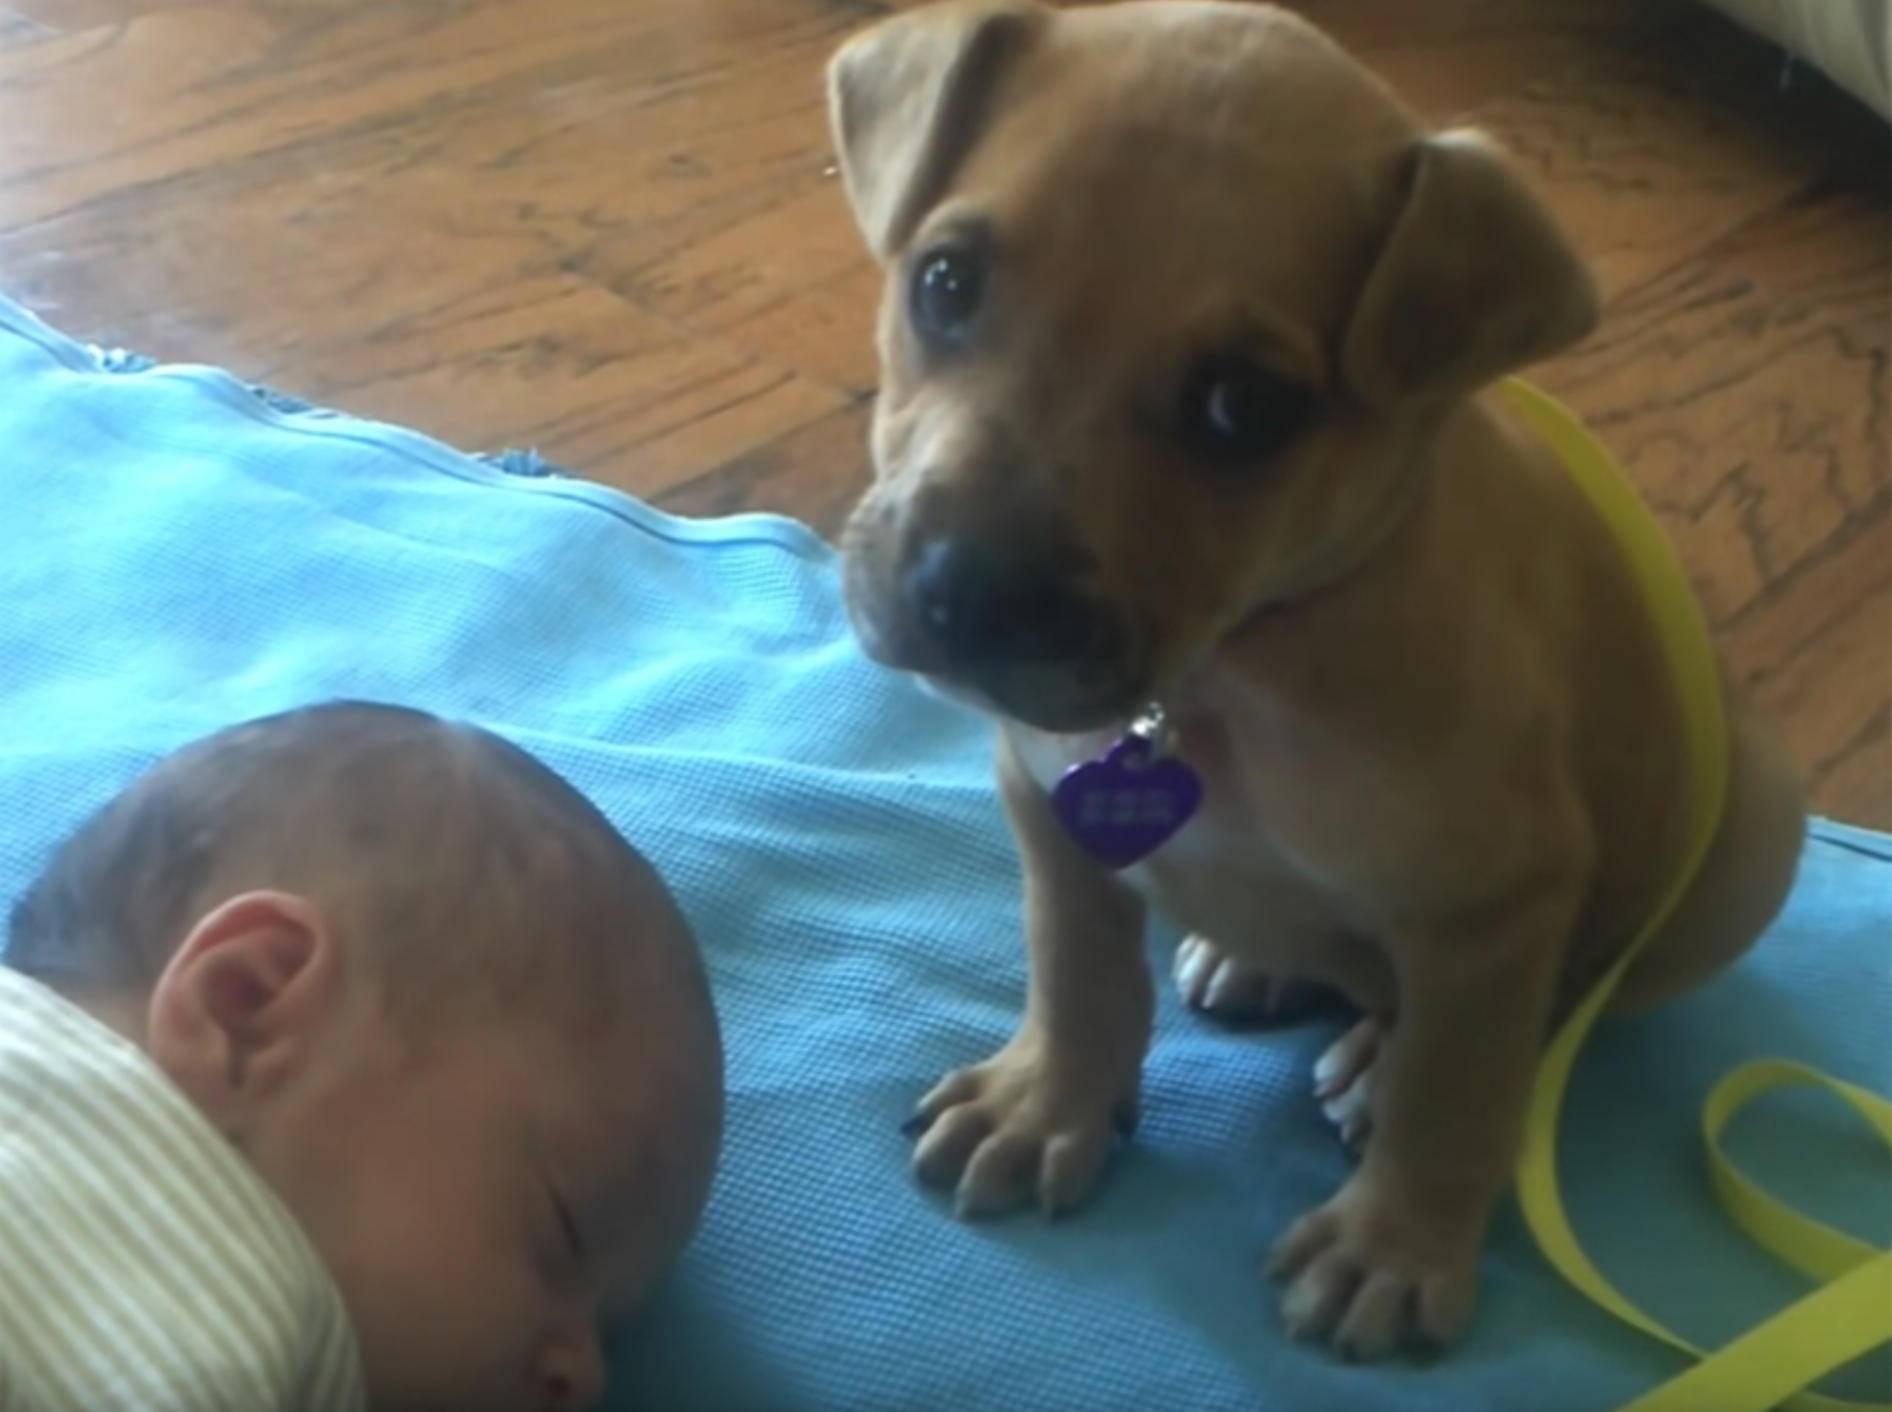 Schläfriger Welpe nickt beim Babysitten ein – YouTube / xcvbnmxcvb